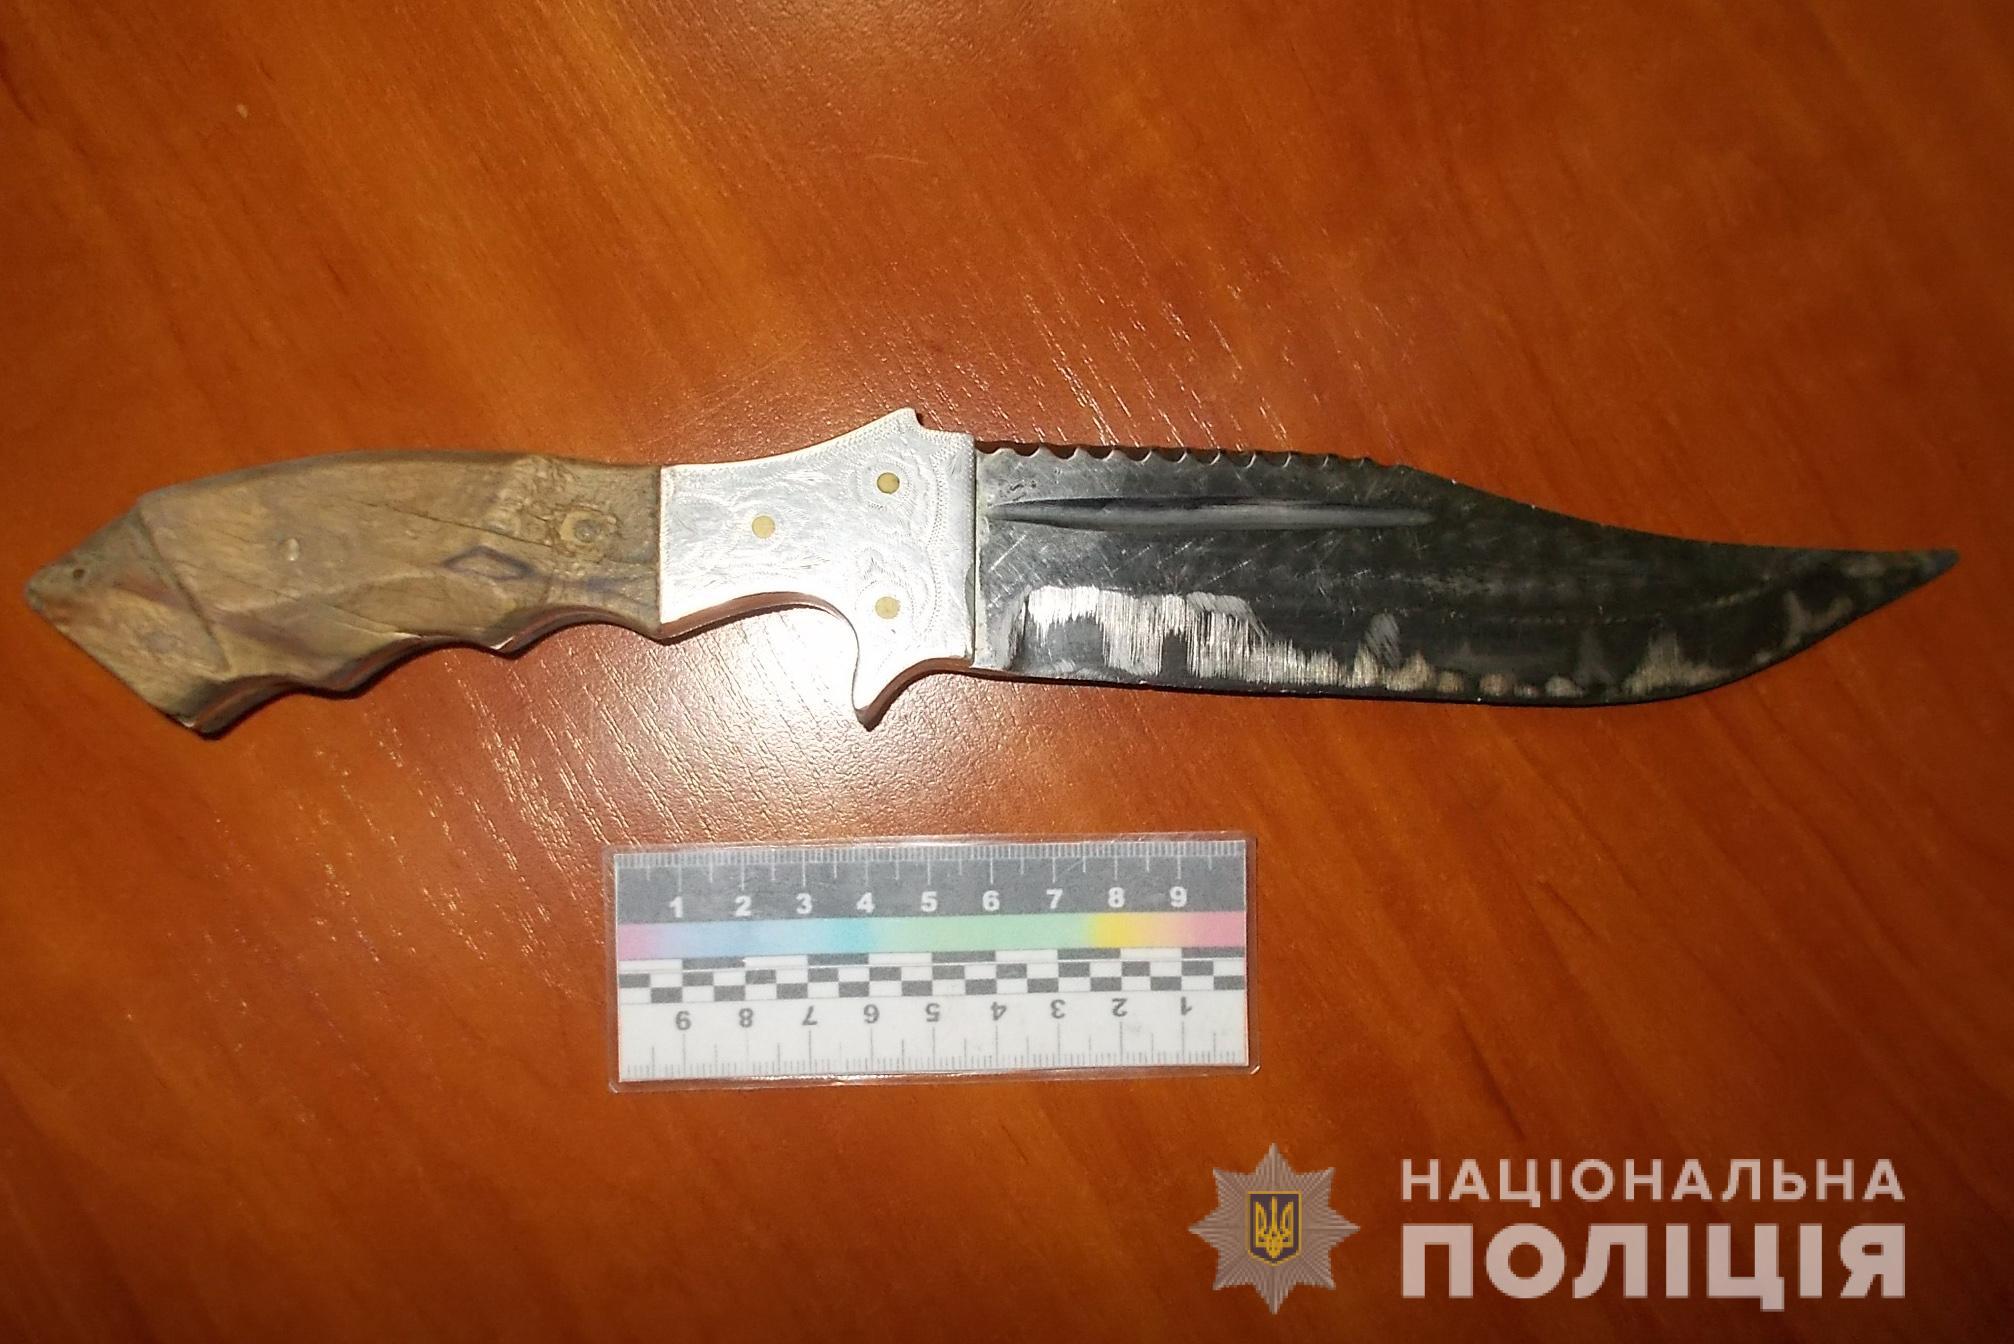 Дратував шум: на Сумщині чоловік застрелив пса і кидався з ножем на сусідів